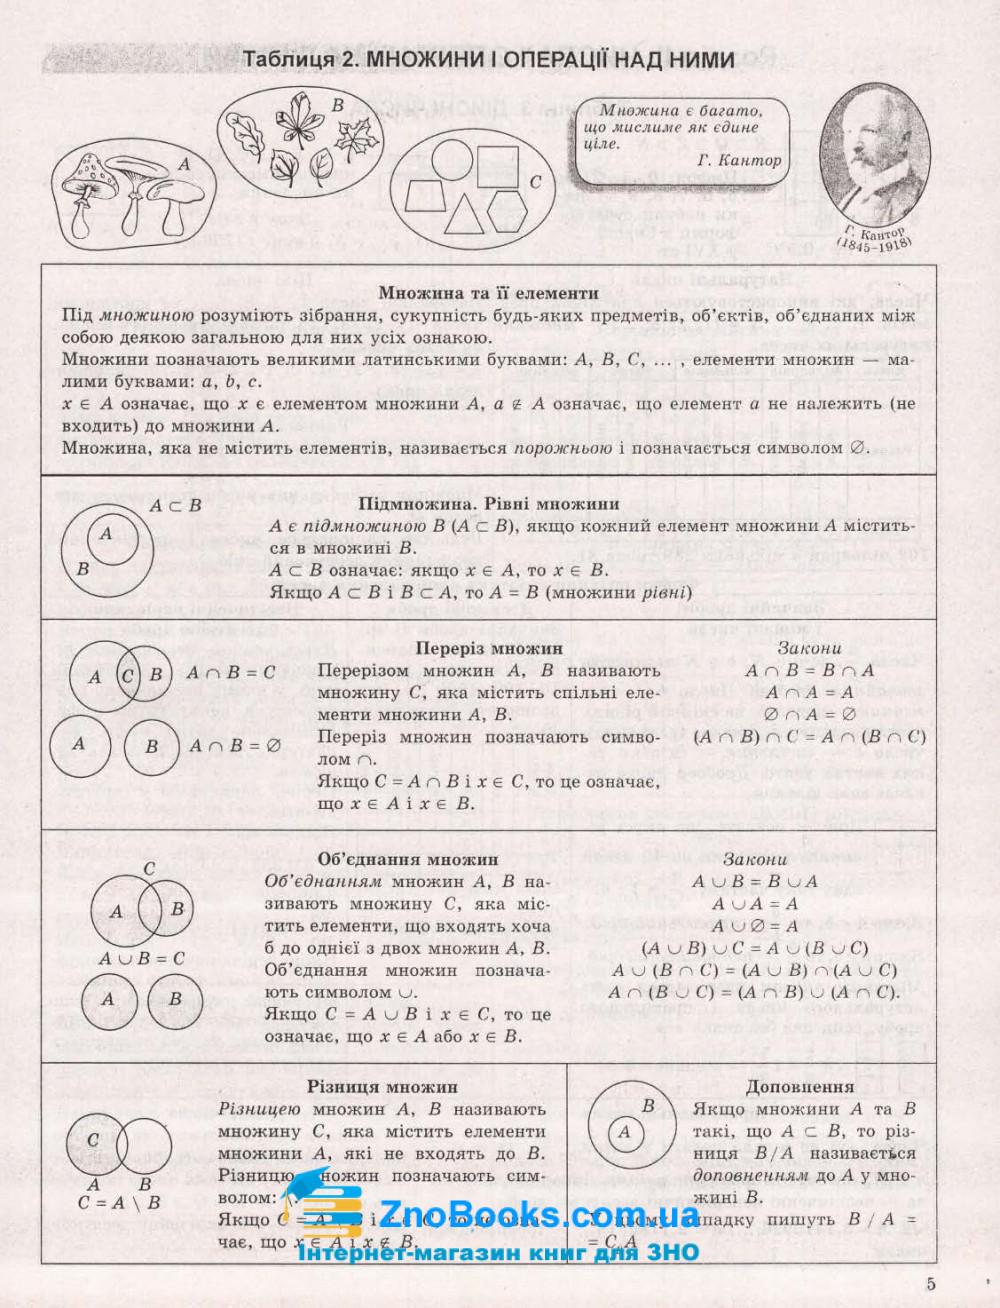 Алгебра. Таблиці та схеми : Роганін О. Торсінг. купити 9